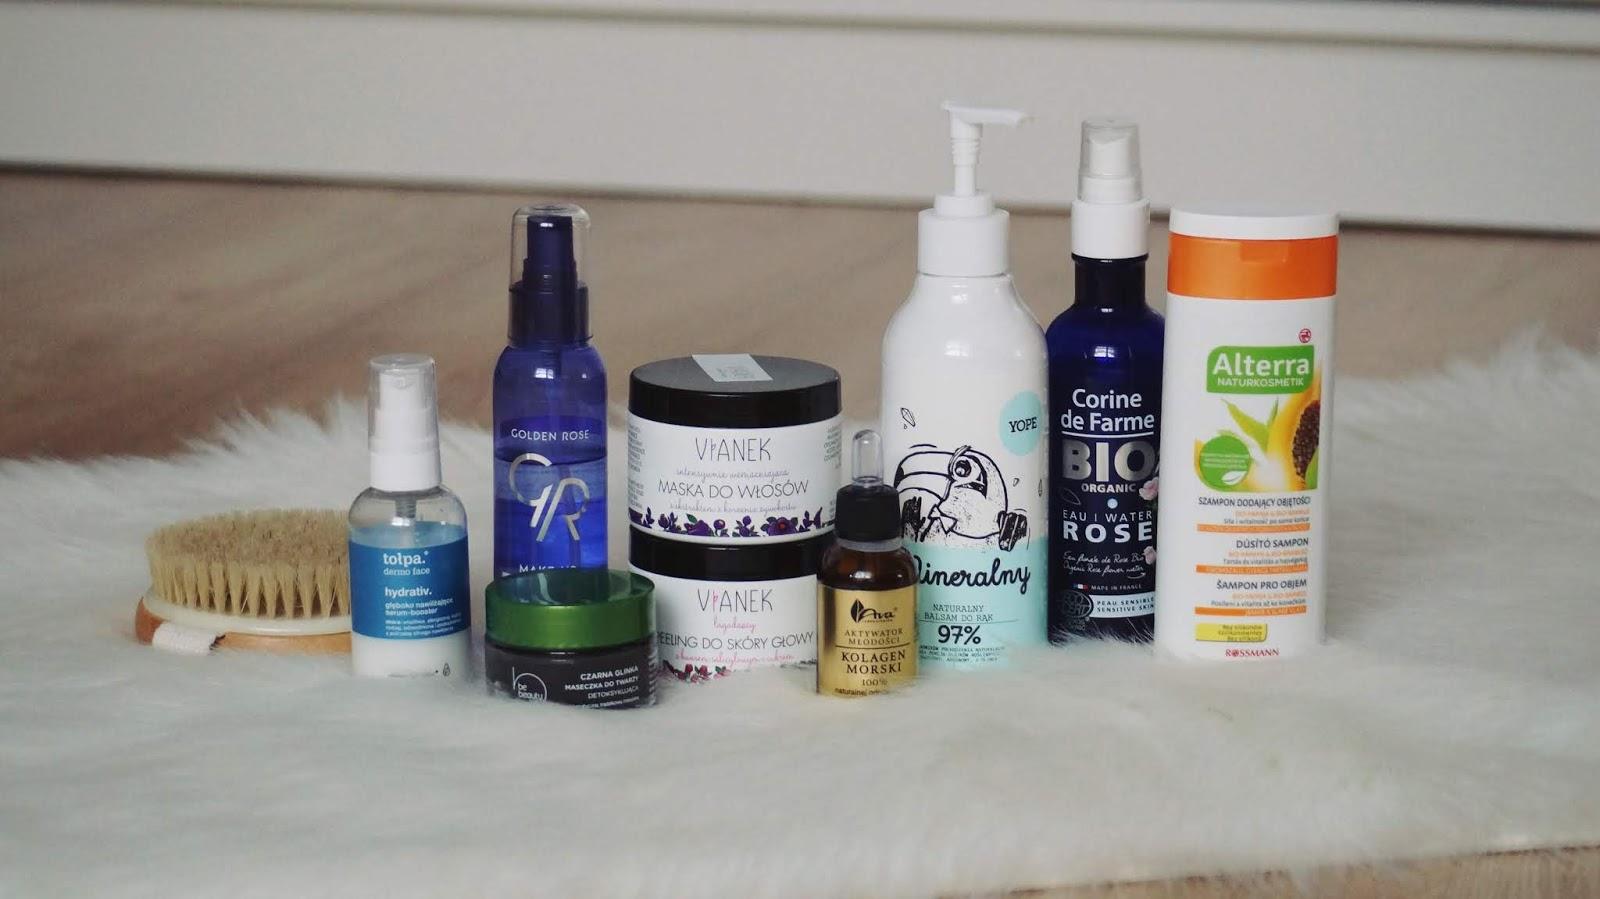 Ulubieńcy kosmetyczni ostatnich kilku miesięcy - Yope, Vianek, Alterra, BeBeauty, Laboratorium Ava, Corine de Farme, Tołpa, Golden Rose